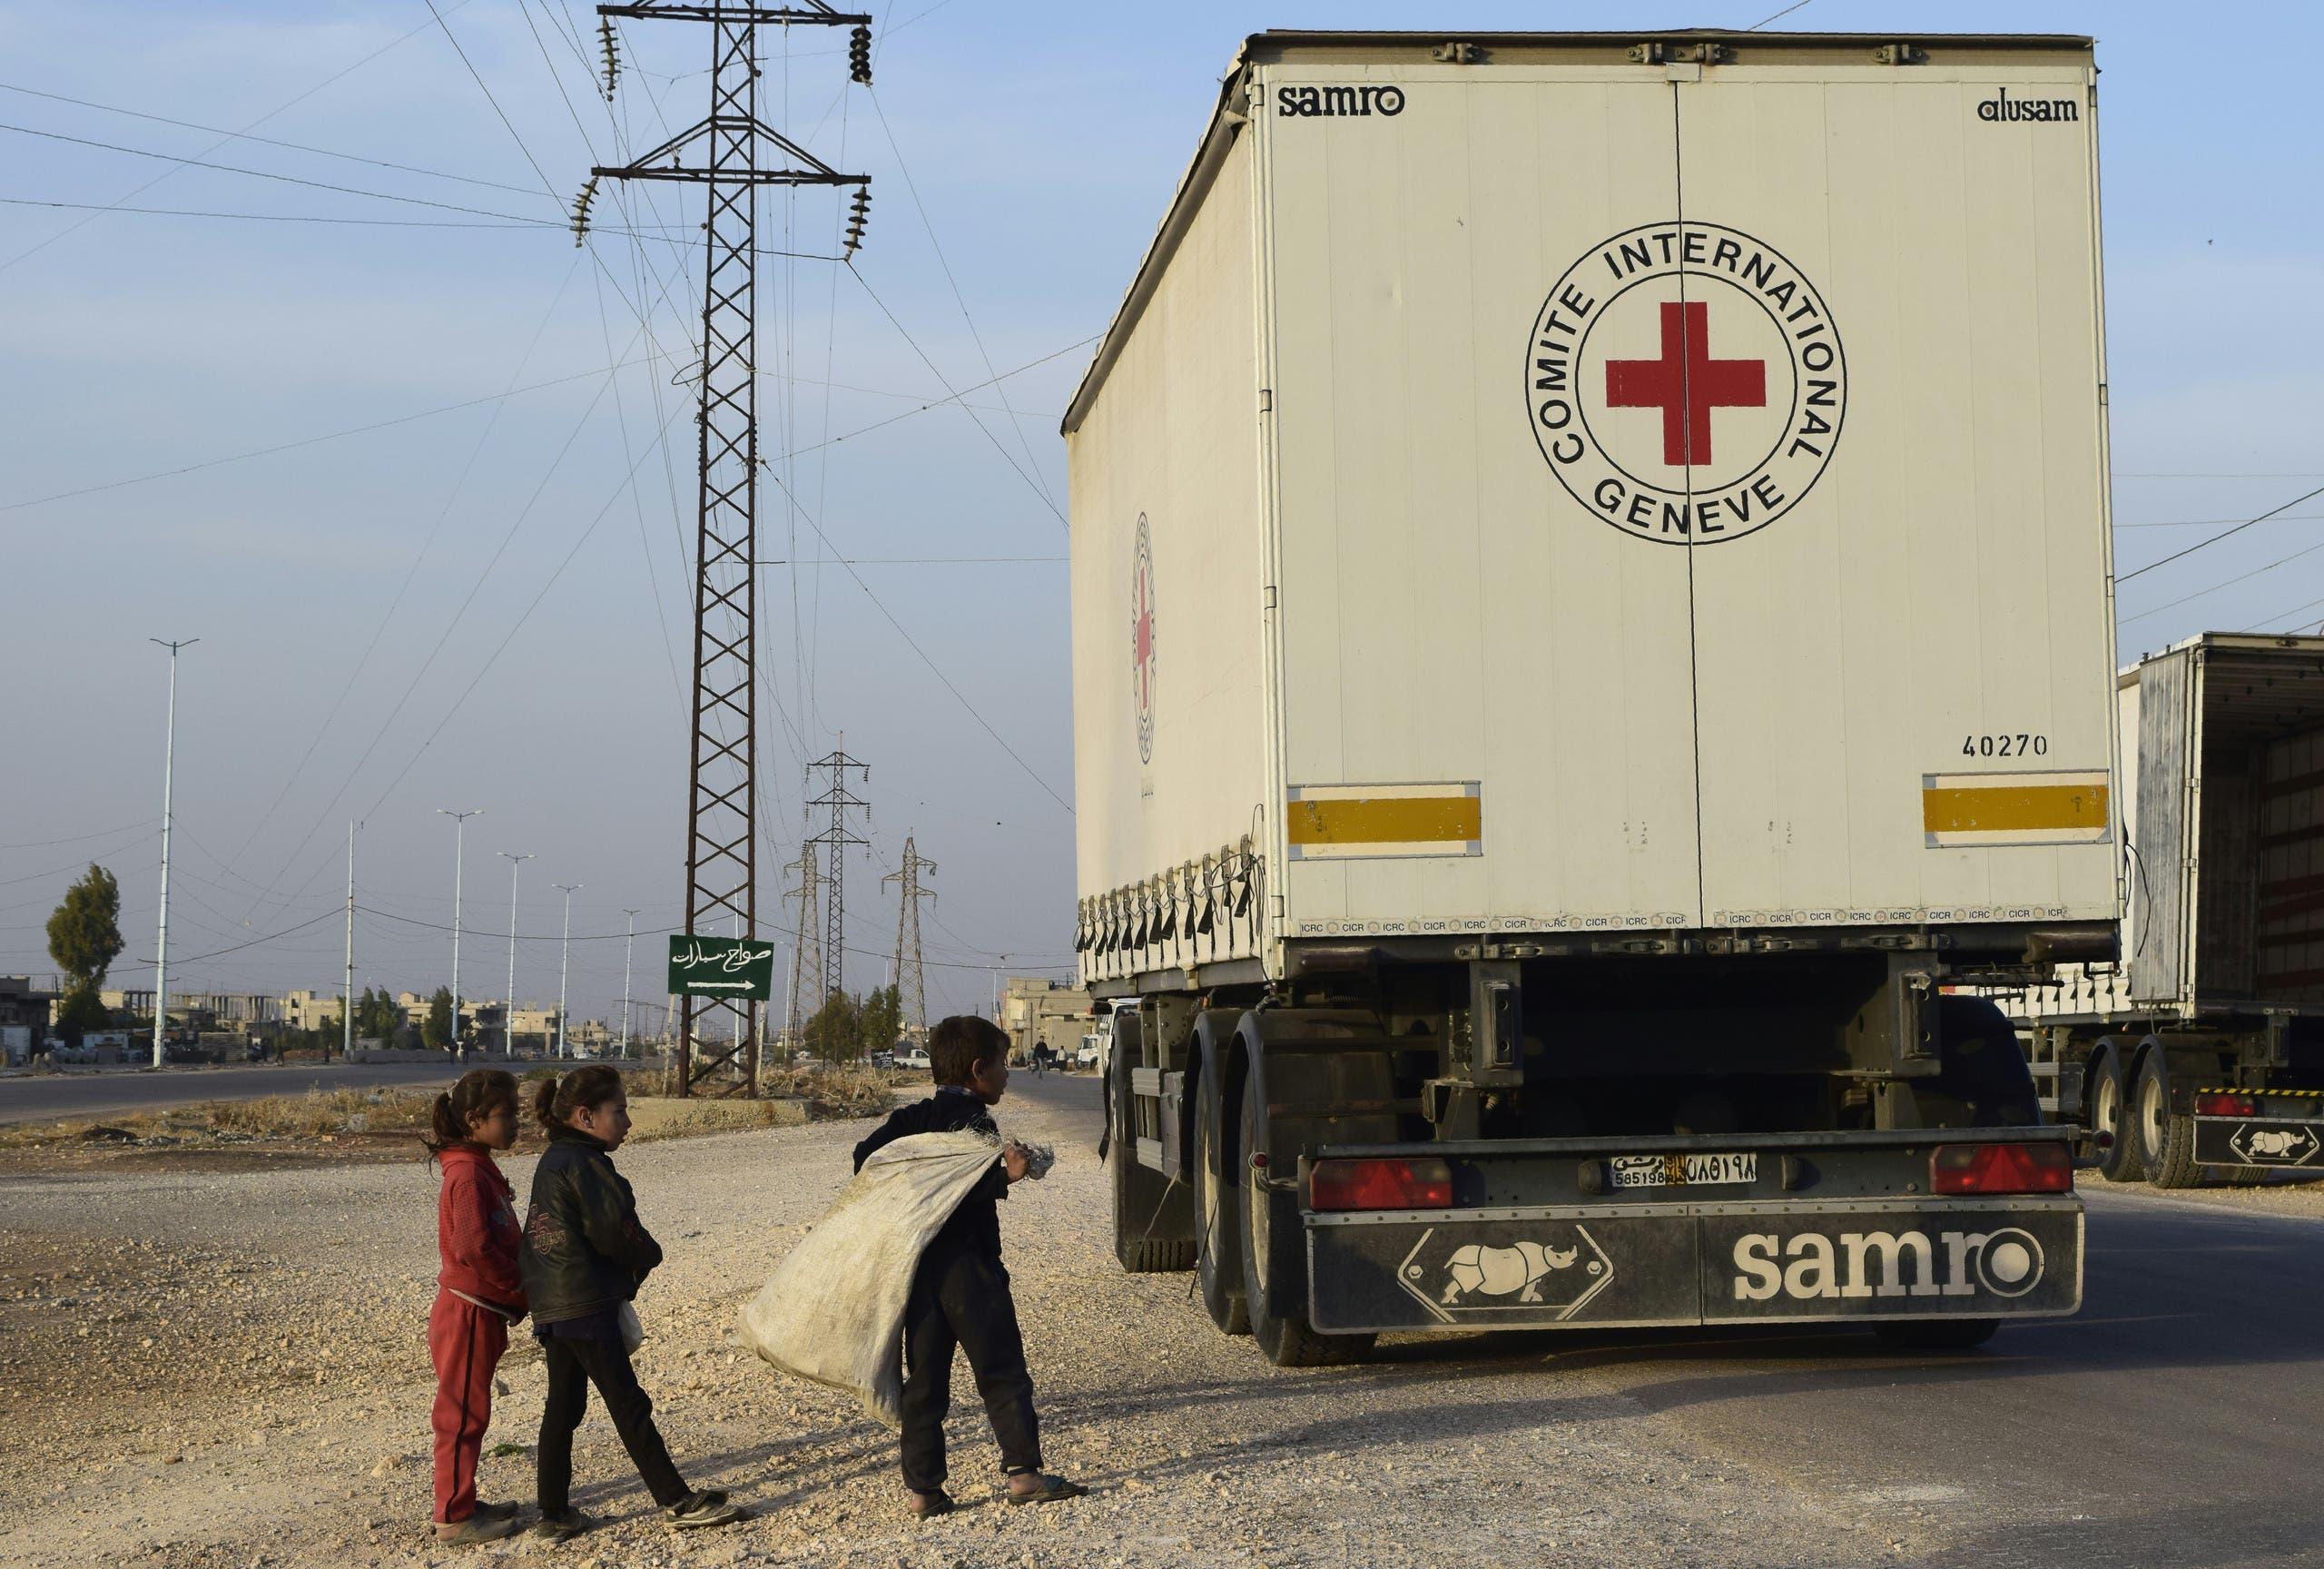 أطفال سوريون يتجمعون قرب قافلة مساعدات في حمص في نوفمبر 2011